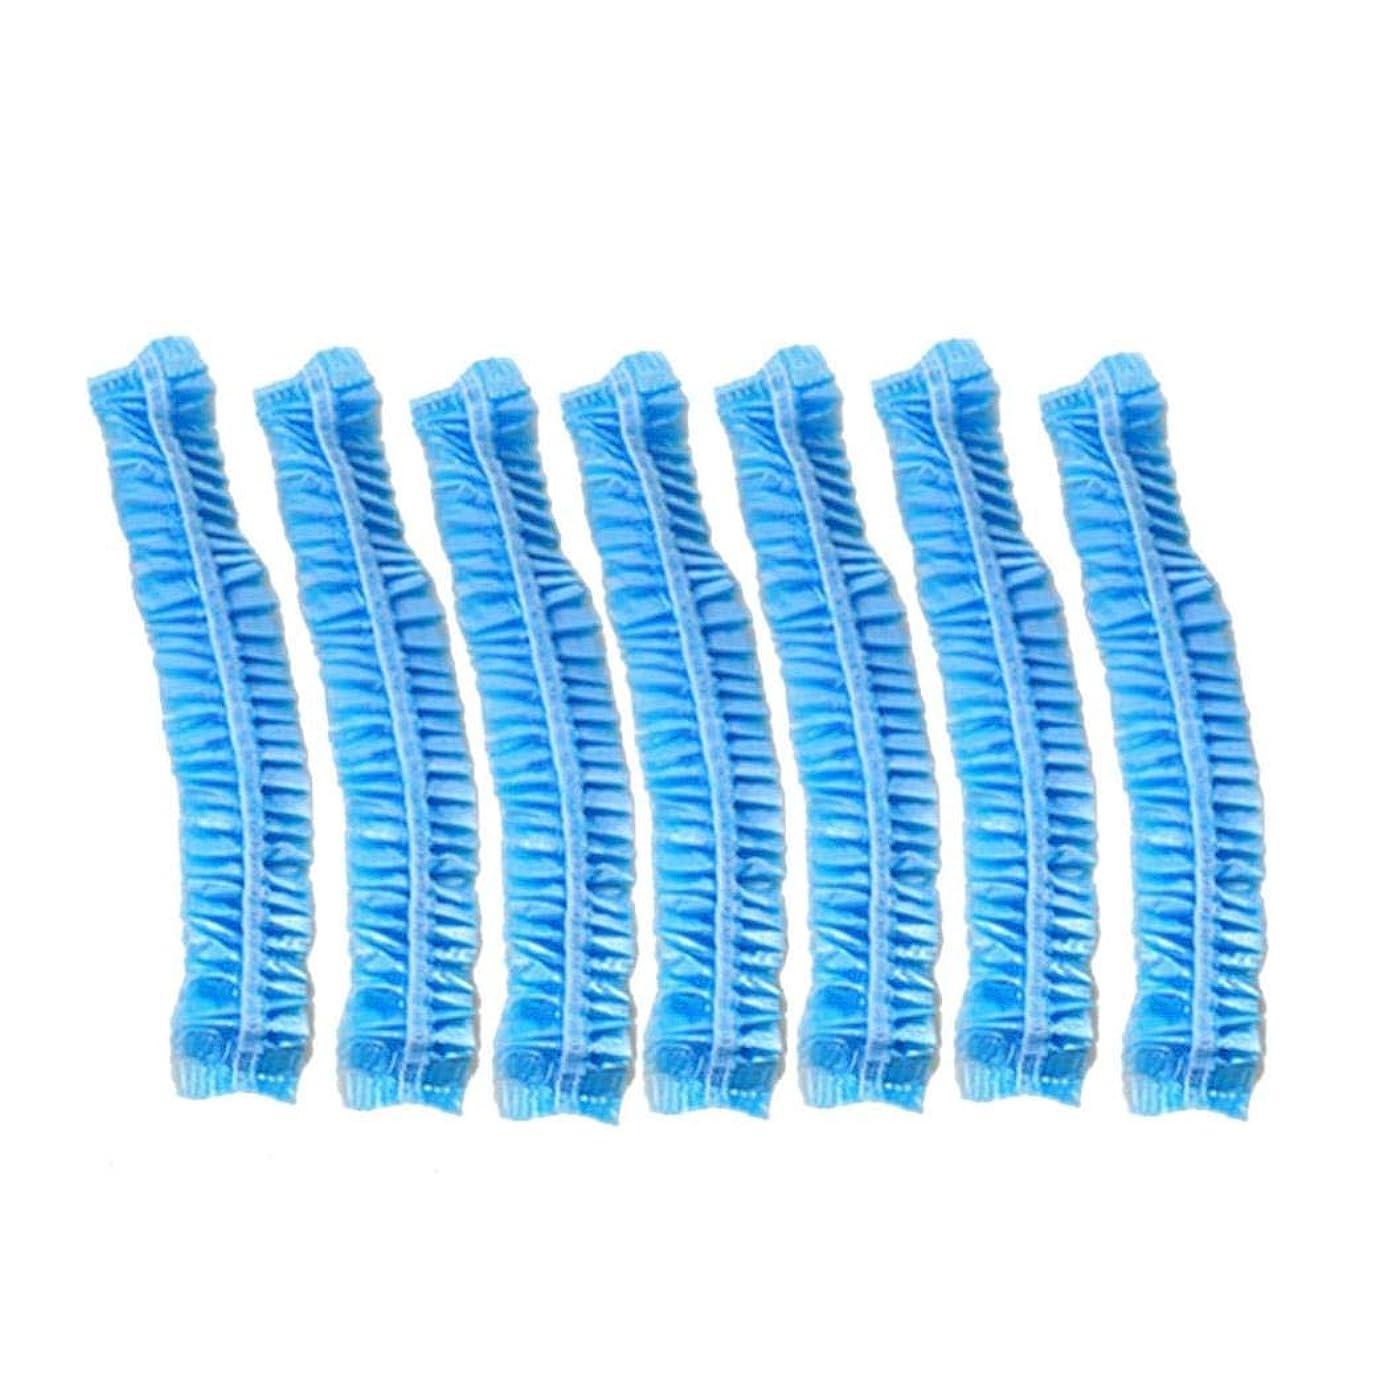 面倒かんがいメンタルXigeapg 100個スパヘアサロン用クリア使い捨てプラスチックシャワーバスキャップホテル/家庭用 (ブルー)